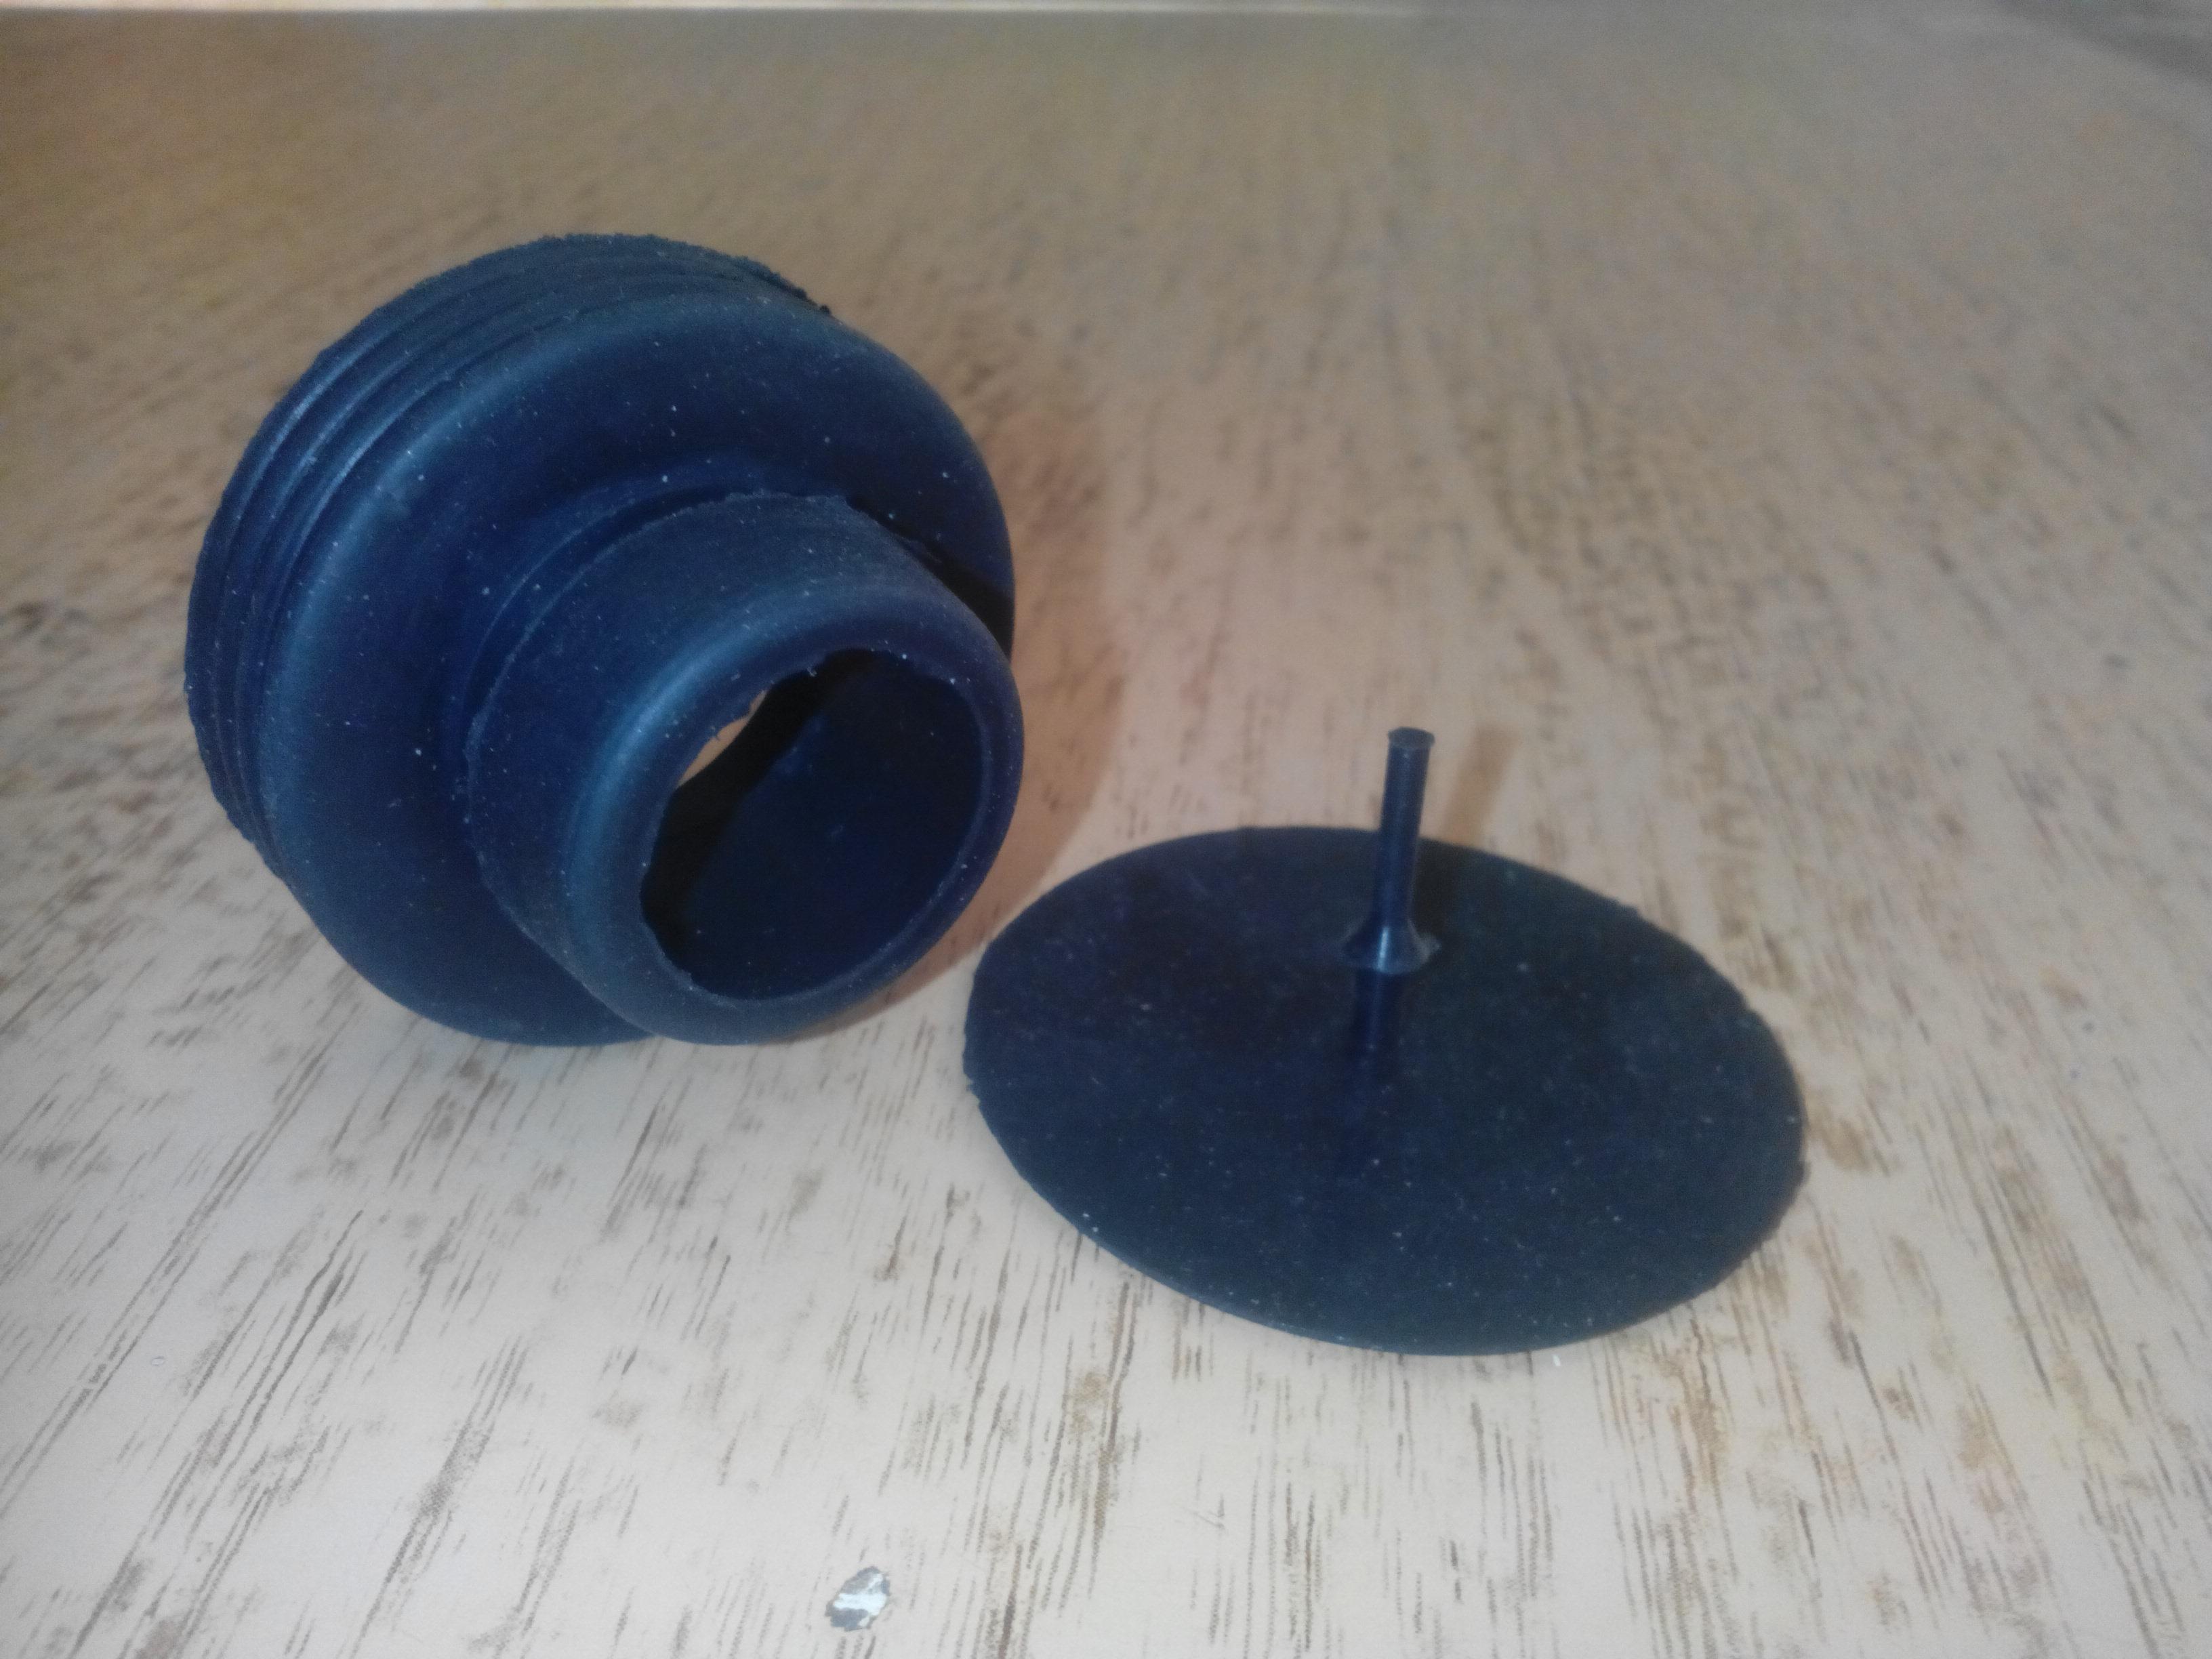 Как сделать чтобы не спускали клапана на резиновой лодке